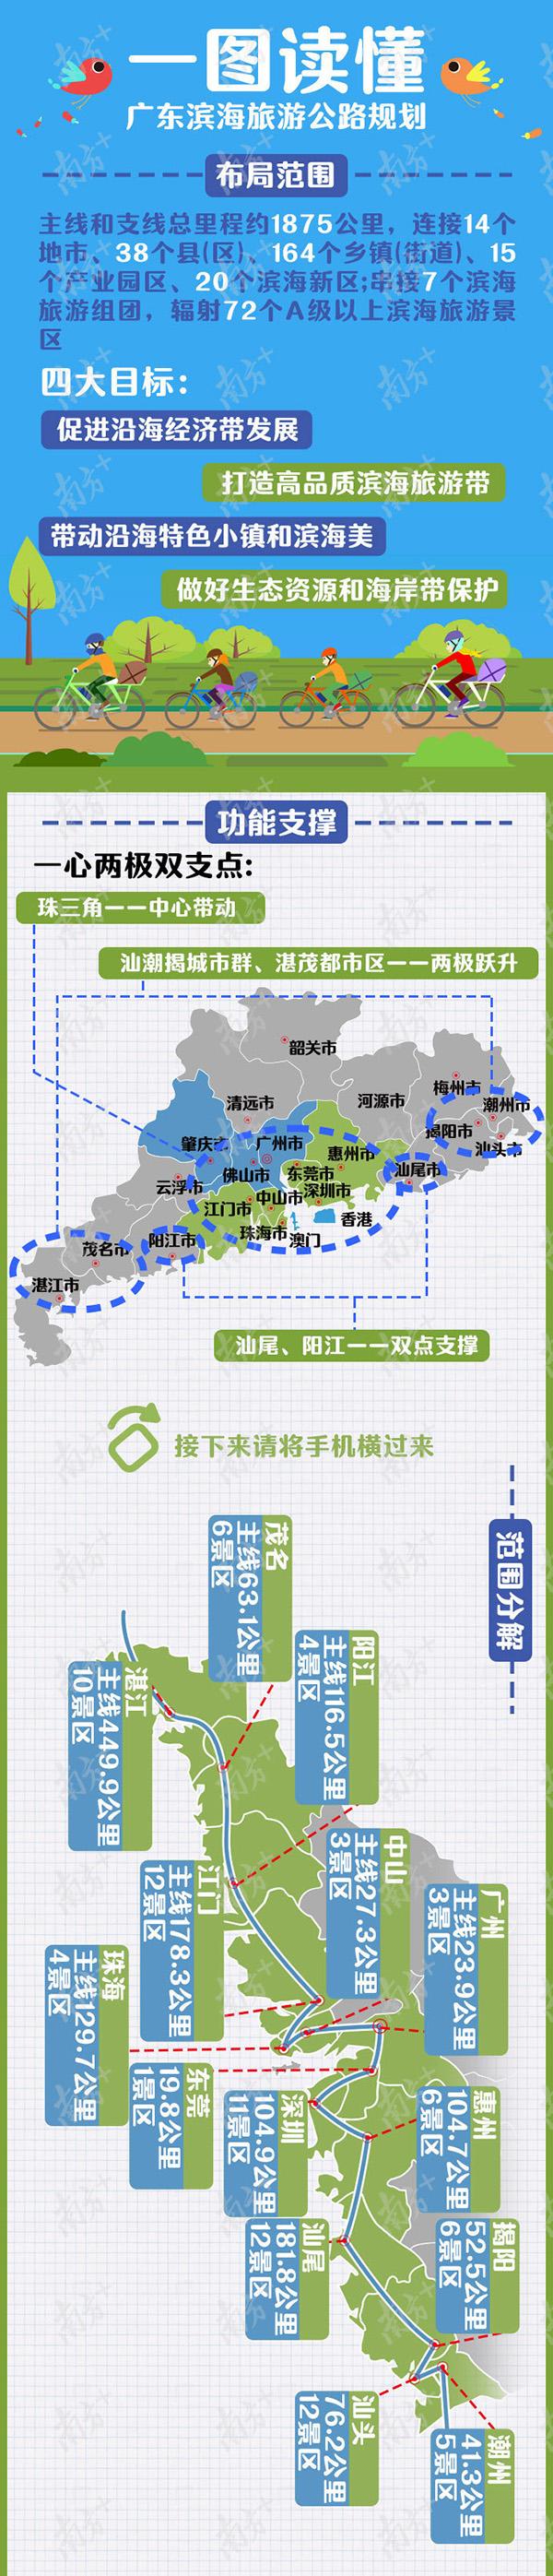 全球最长滨海公路2020年开建:将串联广东14个地市